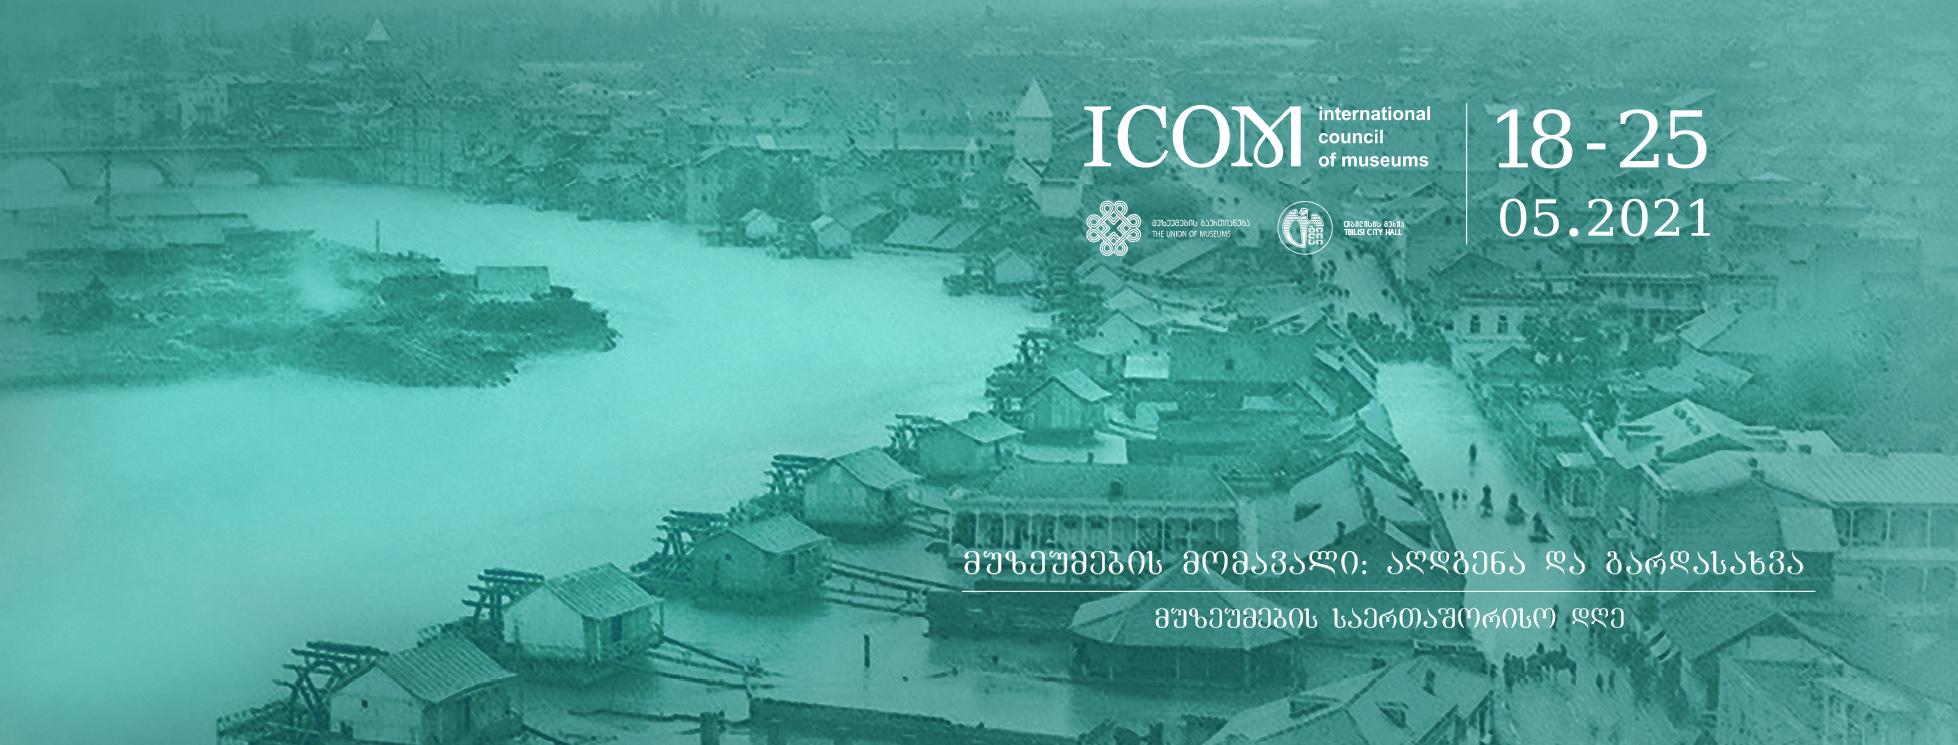 FB page cover 1958x745 1 - IMD2021 მუზეუმების მომავალი: აღდგენა და გარდასახვა – გაერთიანების კვირეული